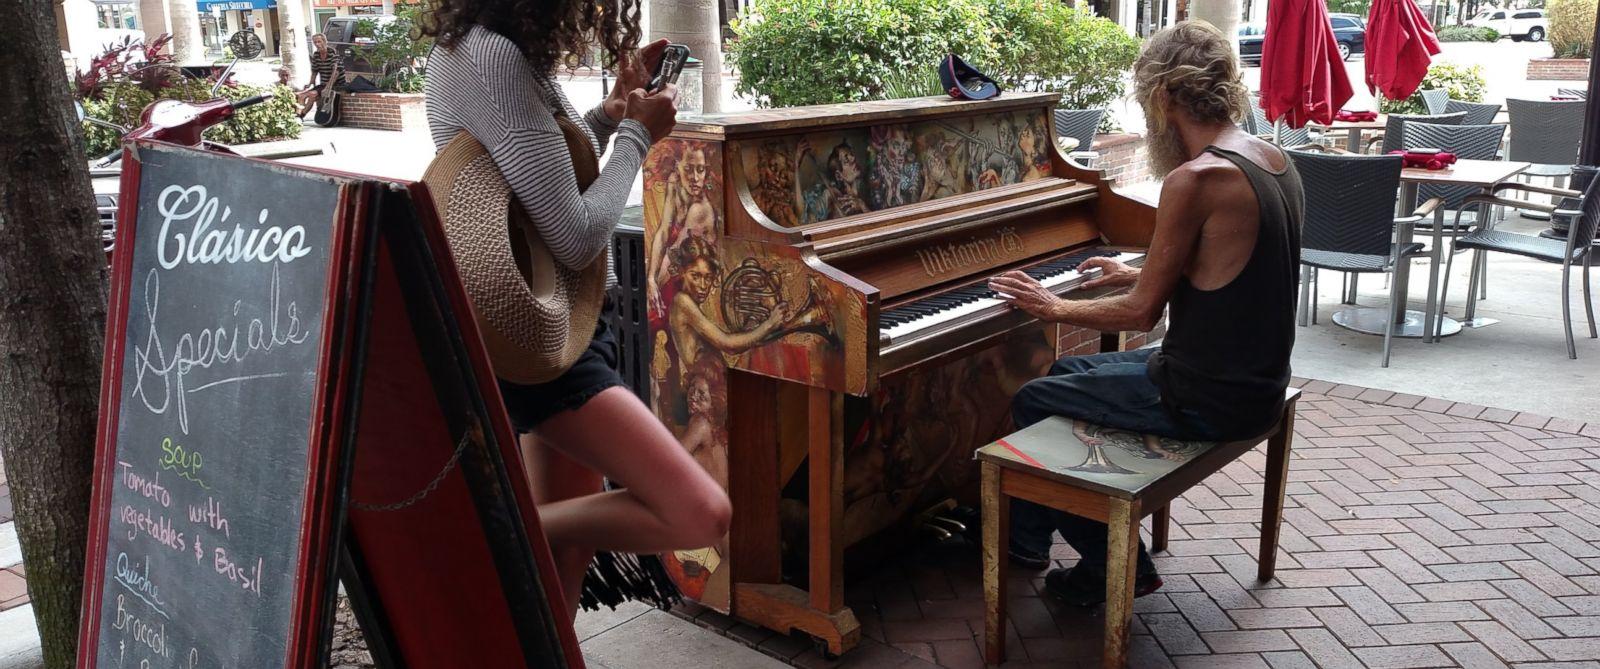 PHOTO: Homeless Florida Man's Great Piano Skills Go Viral